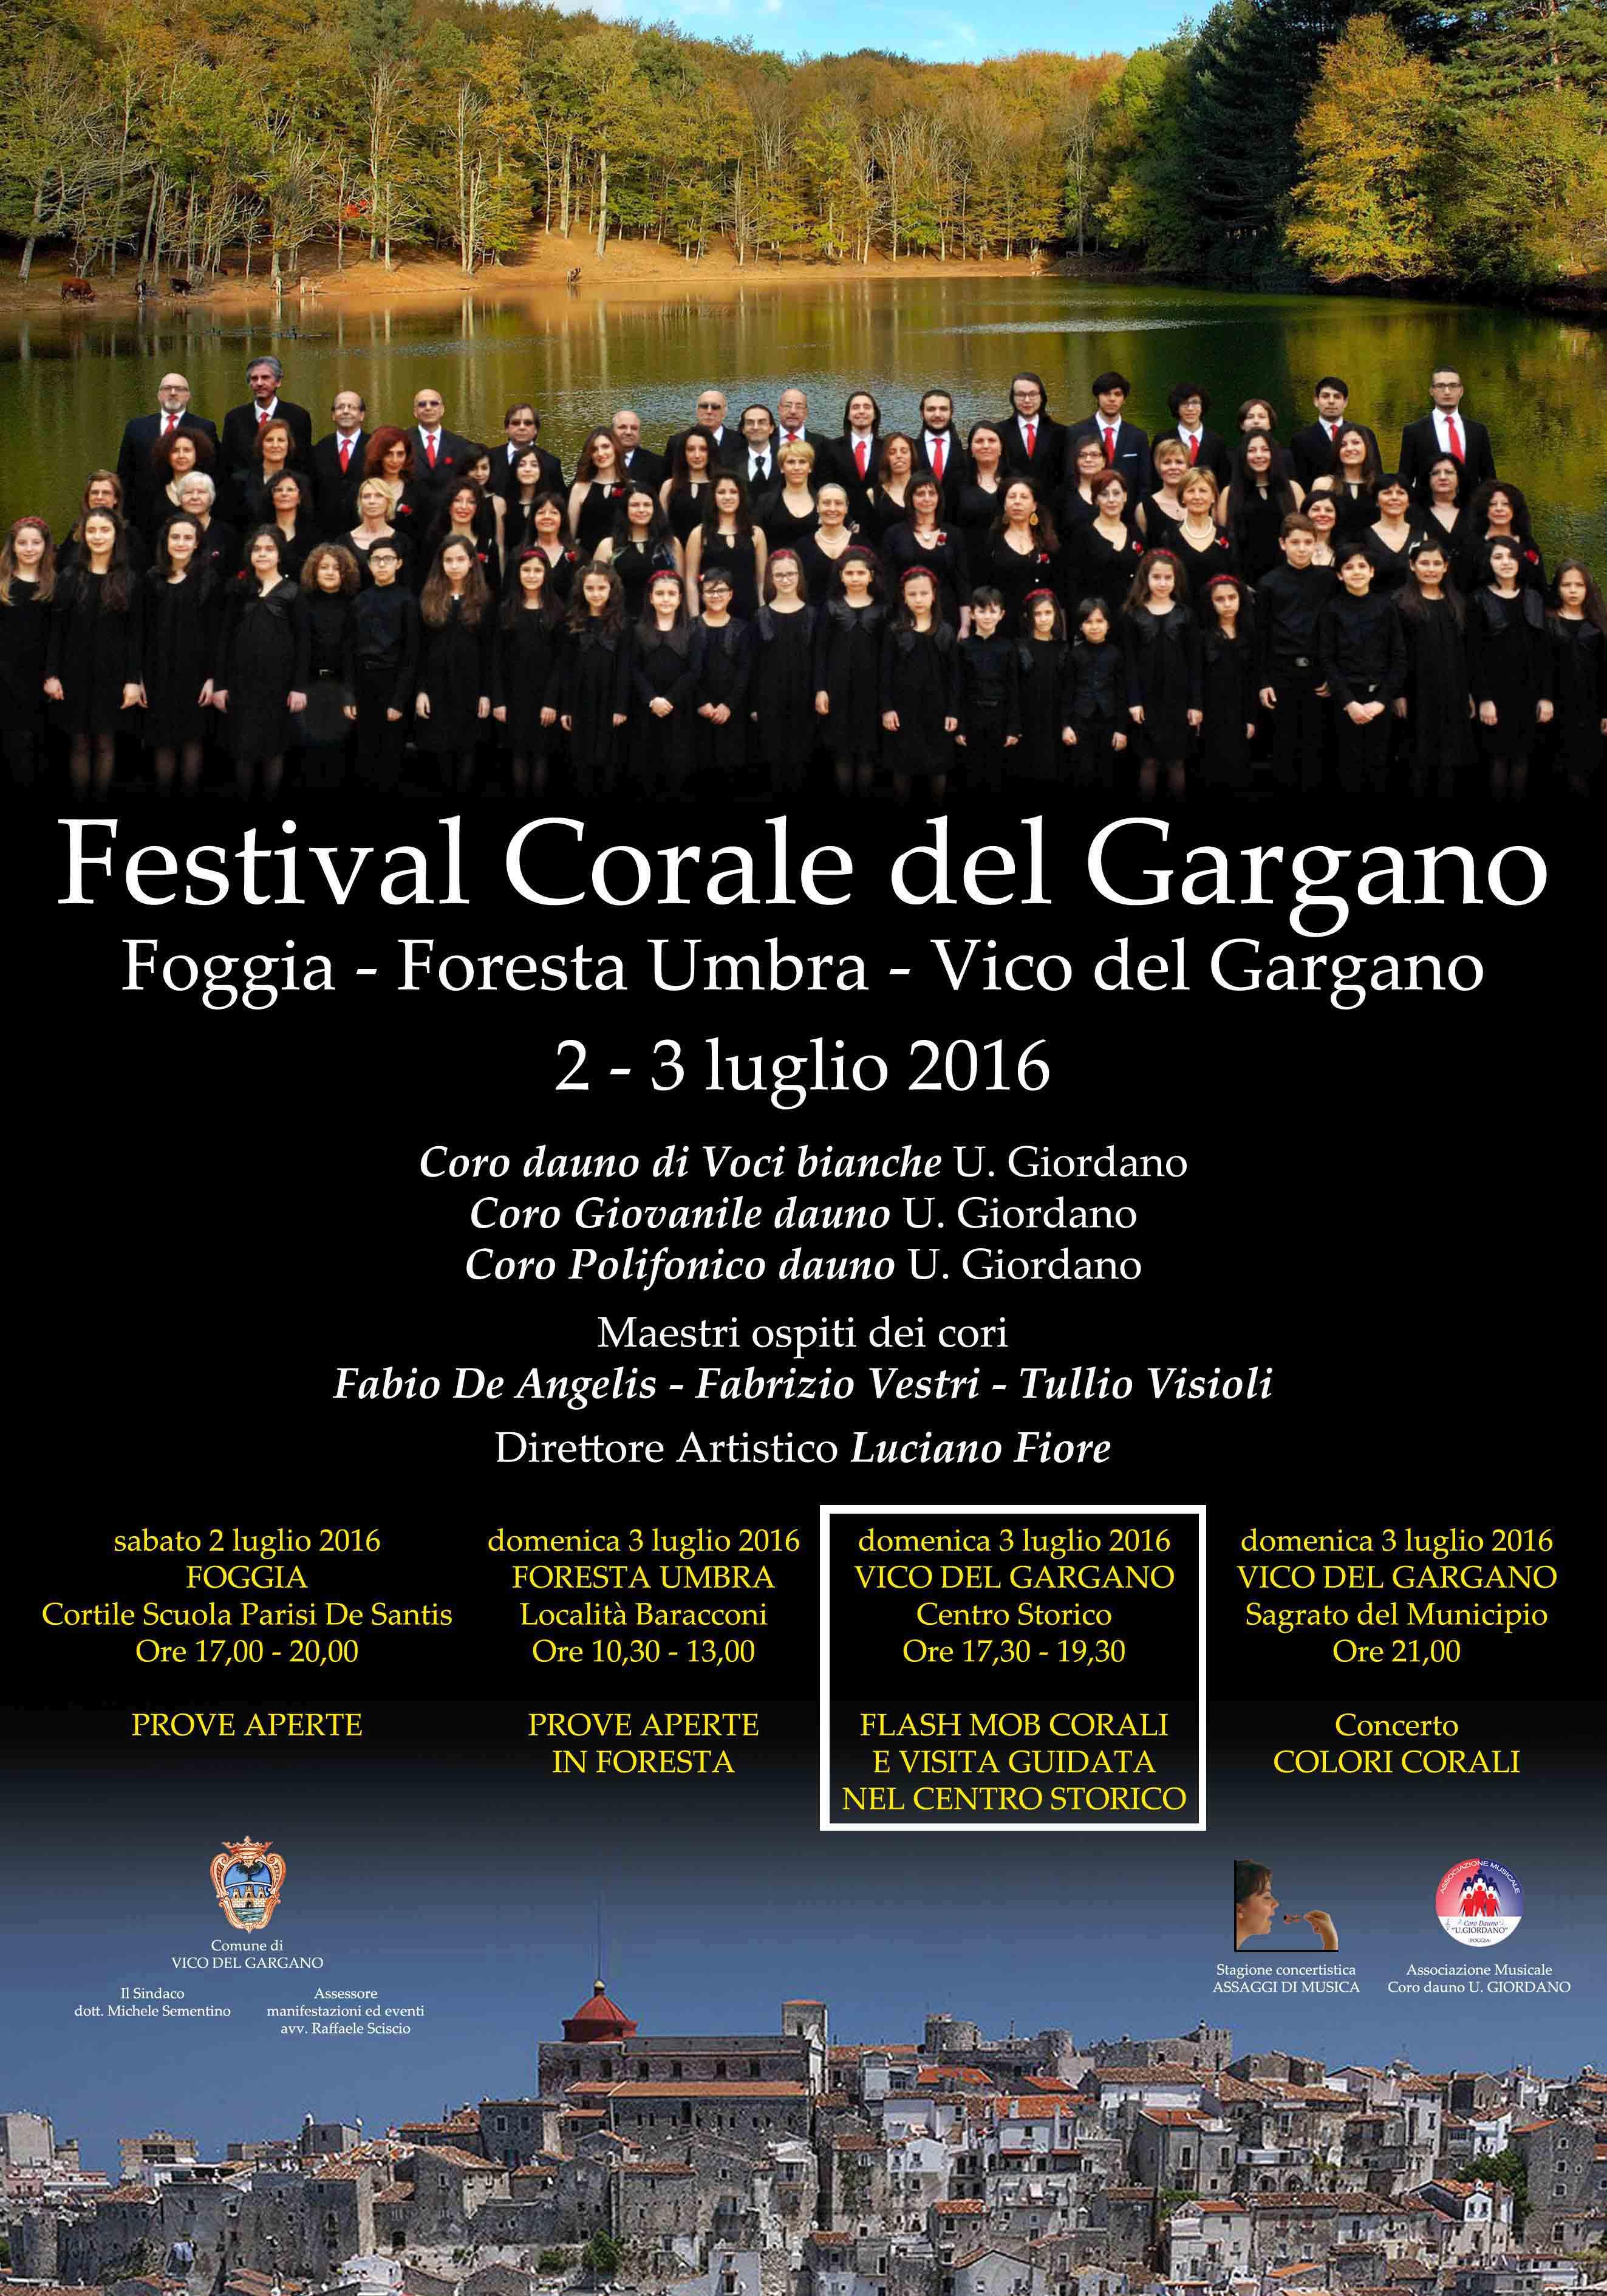 Festival corale del gargano 2016 – Flash mob corali